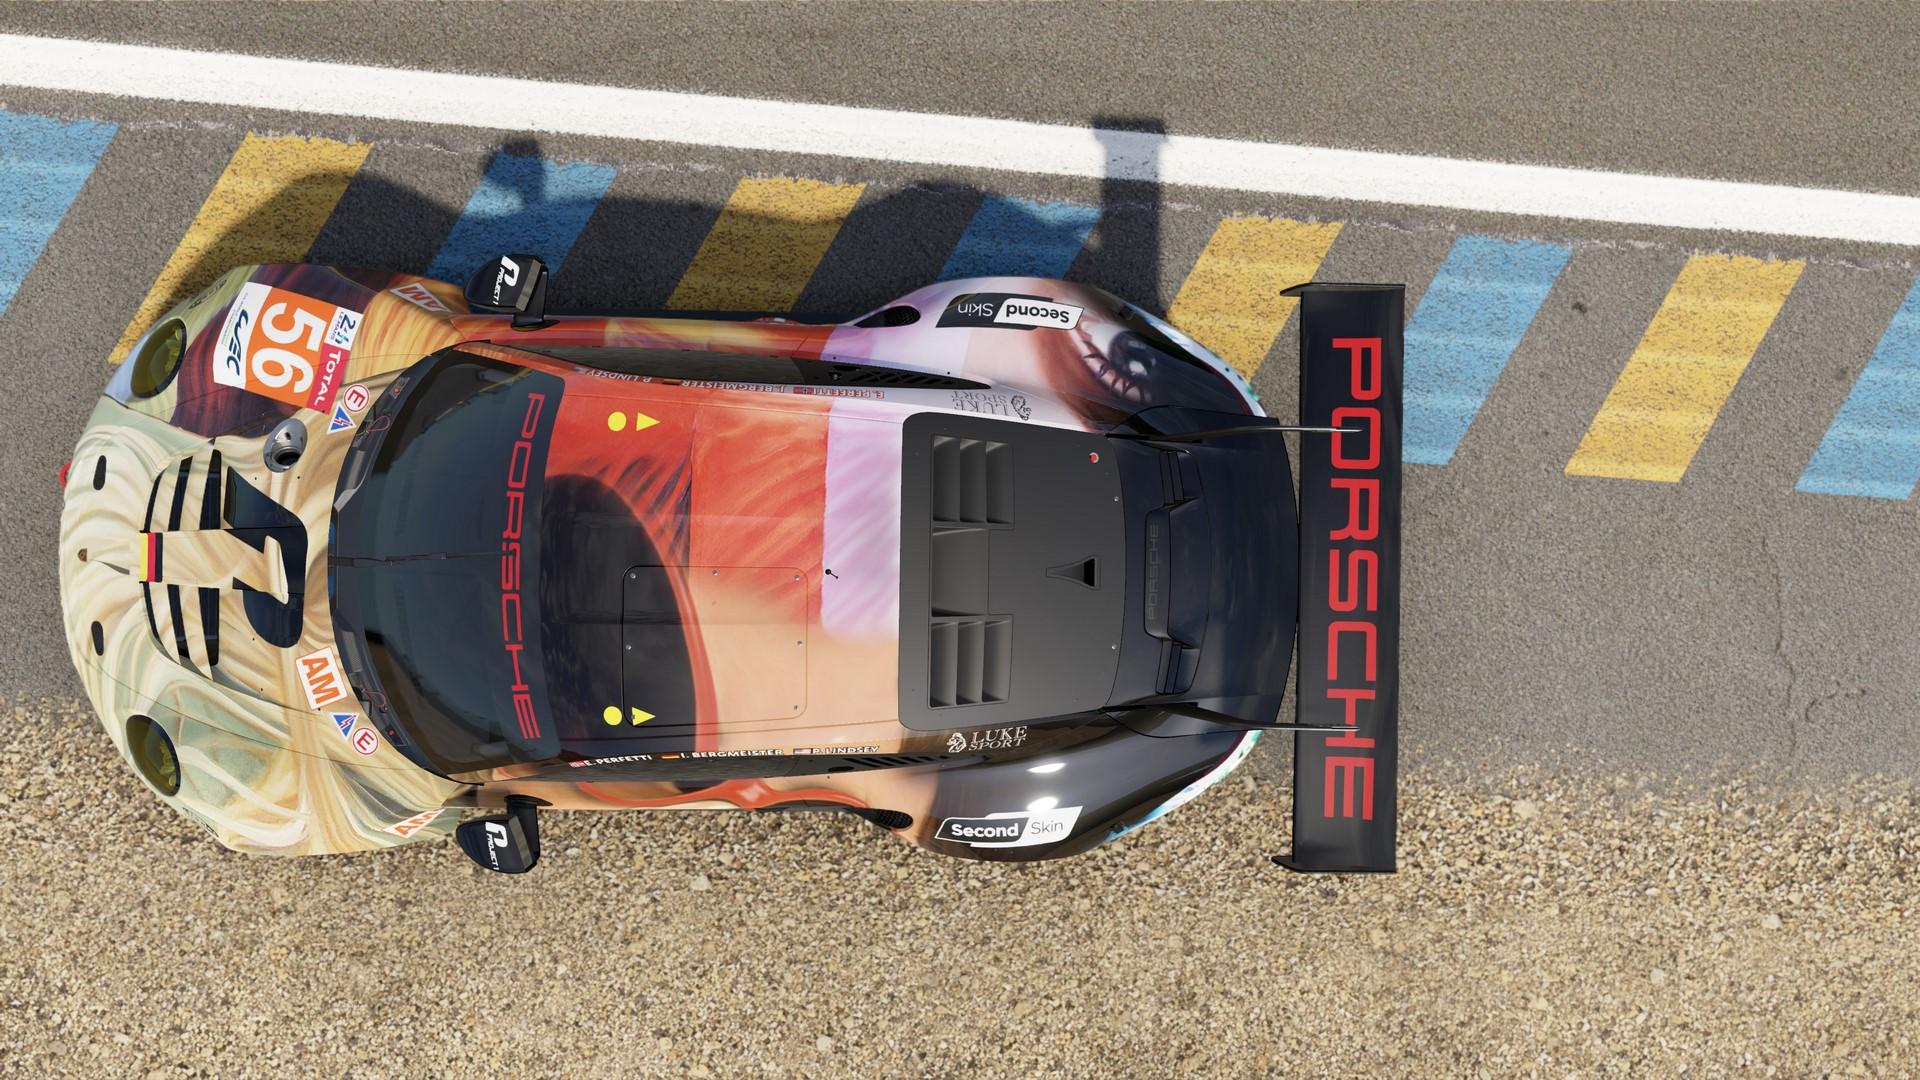 Porsche-911-RSR-car-art-Project-1-Motorsport-7